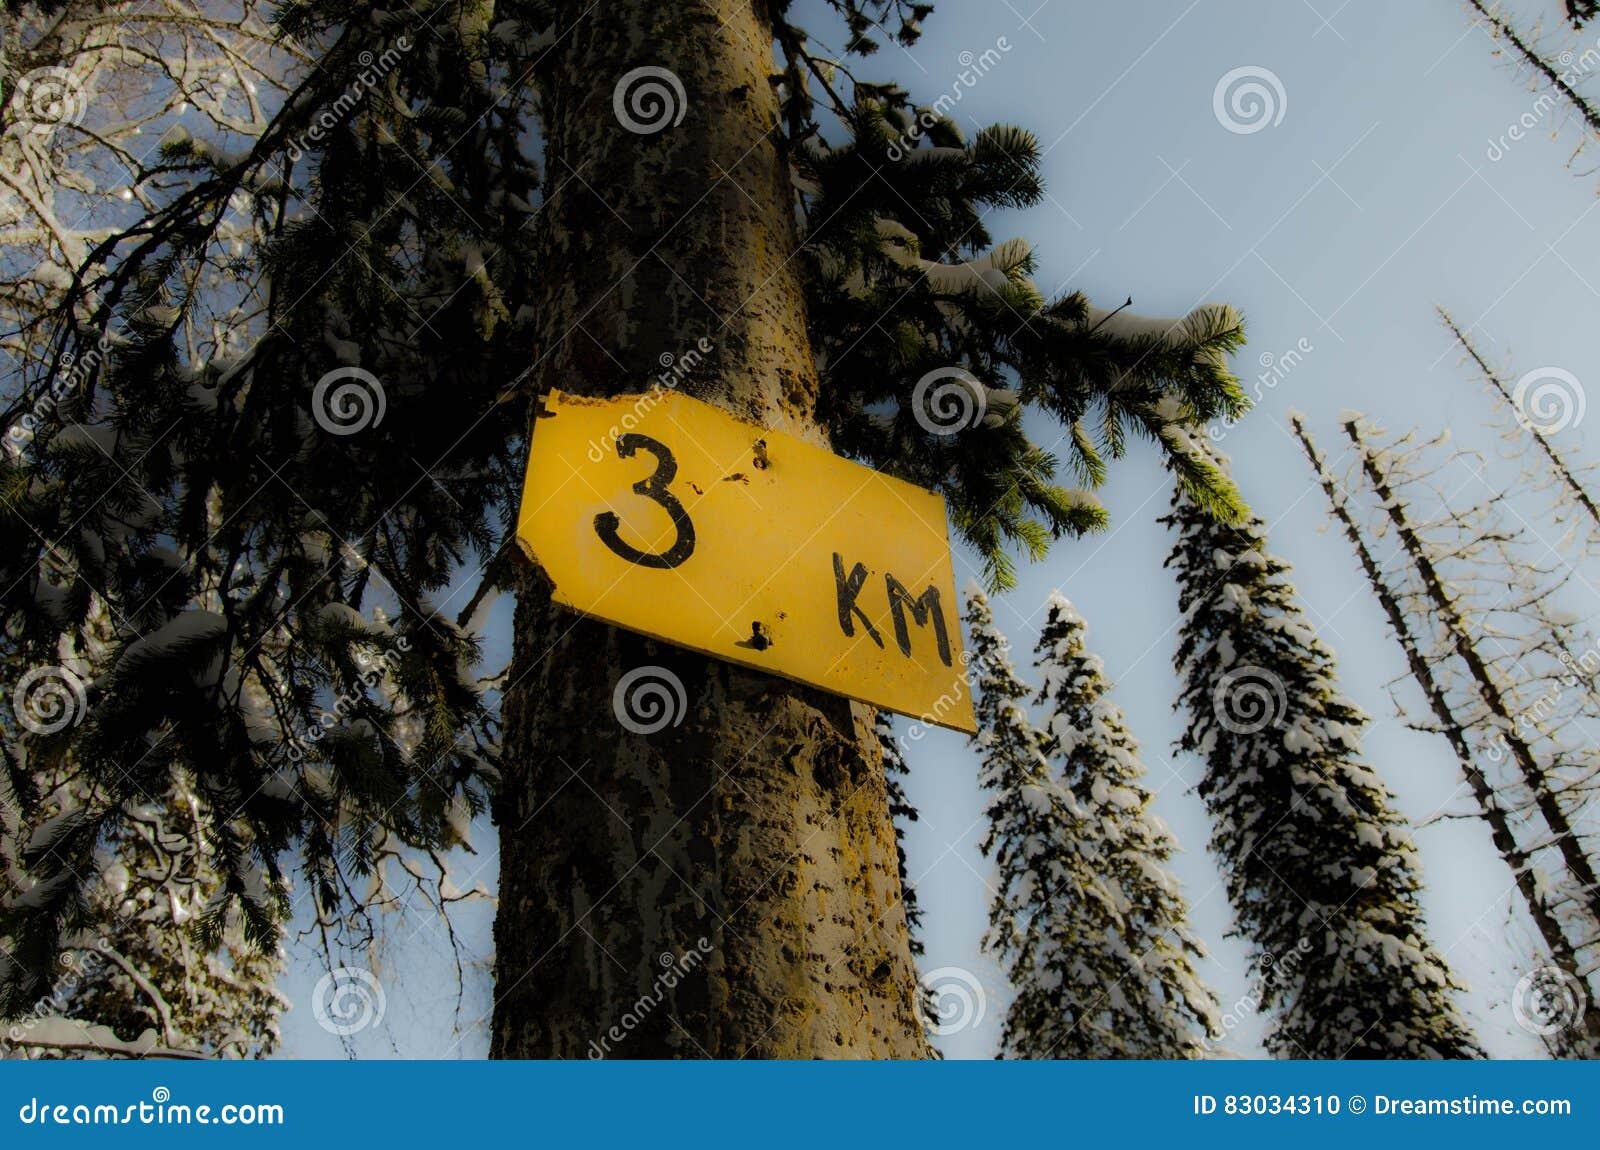 3 kilometers